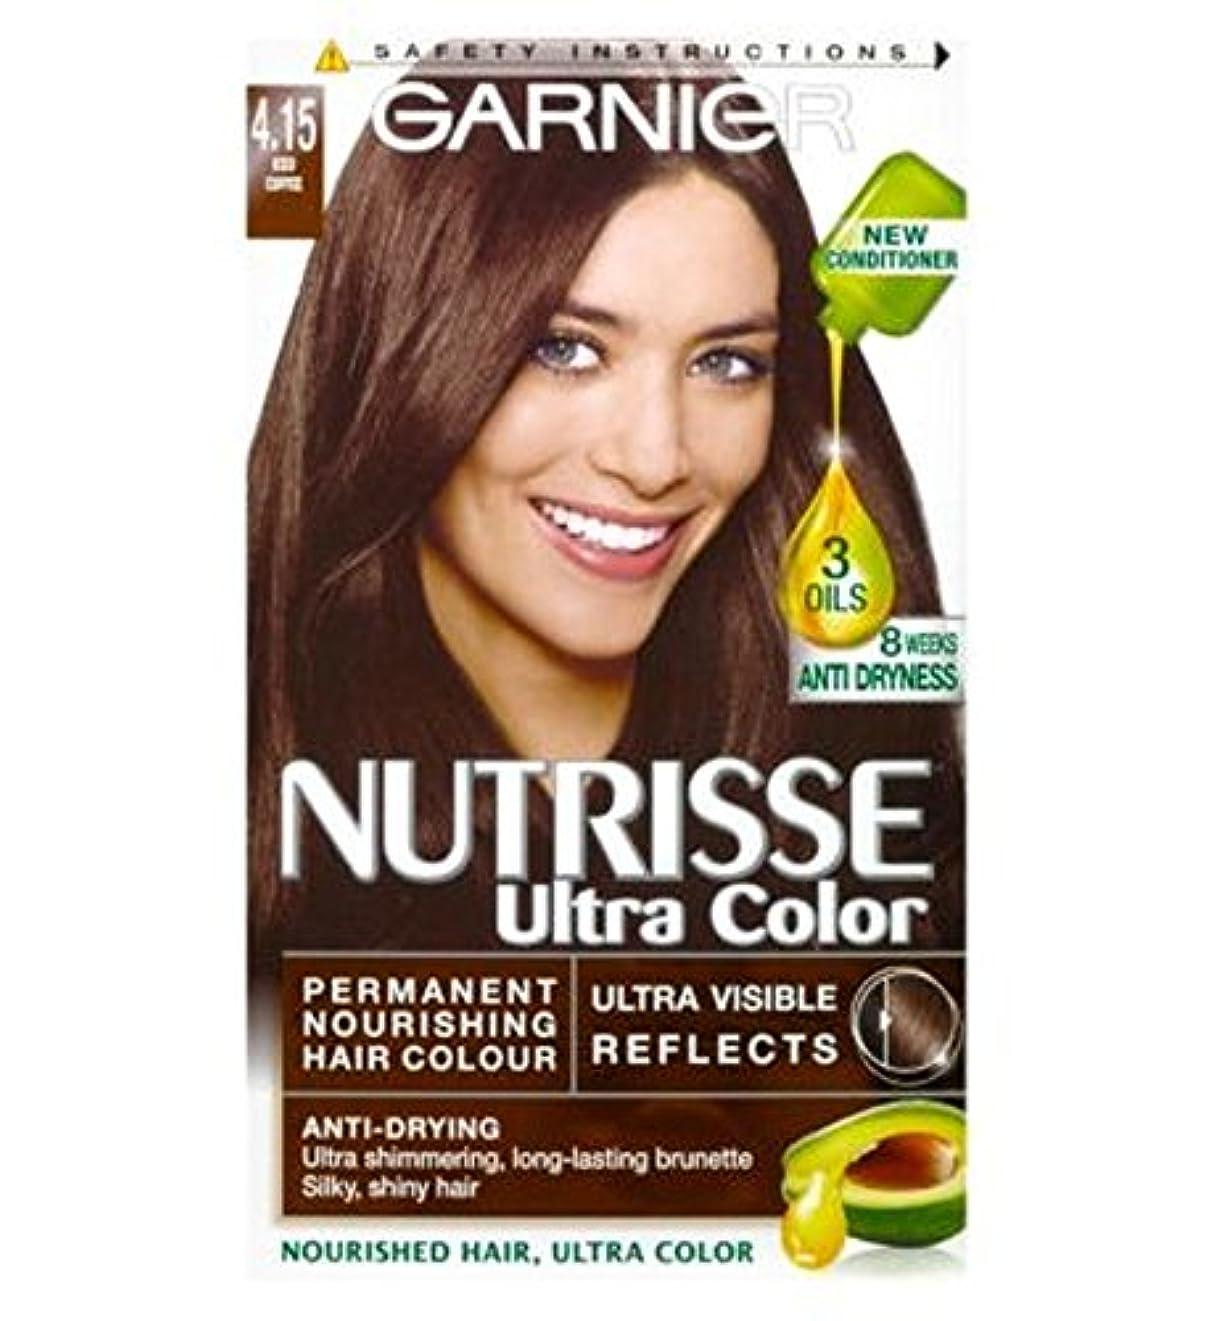 と闘うオフ嫌なガルニエNutrisse超永久色4.15アイスコーヒー (Garnier) (x2) - Garnier Nutrisse Ultra Permanent Colour 4.15 Iced Coffee (Pack of 2) [並行輸入品]